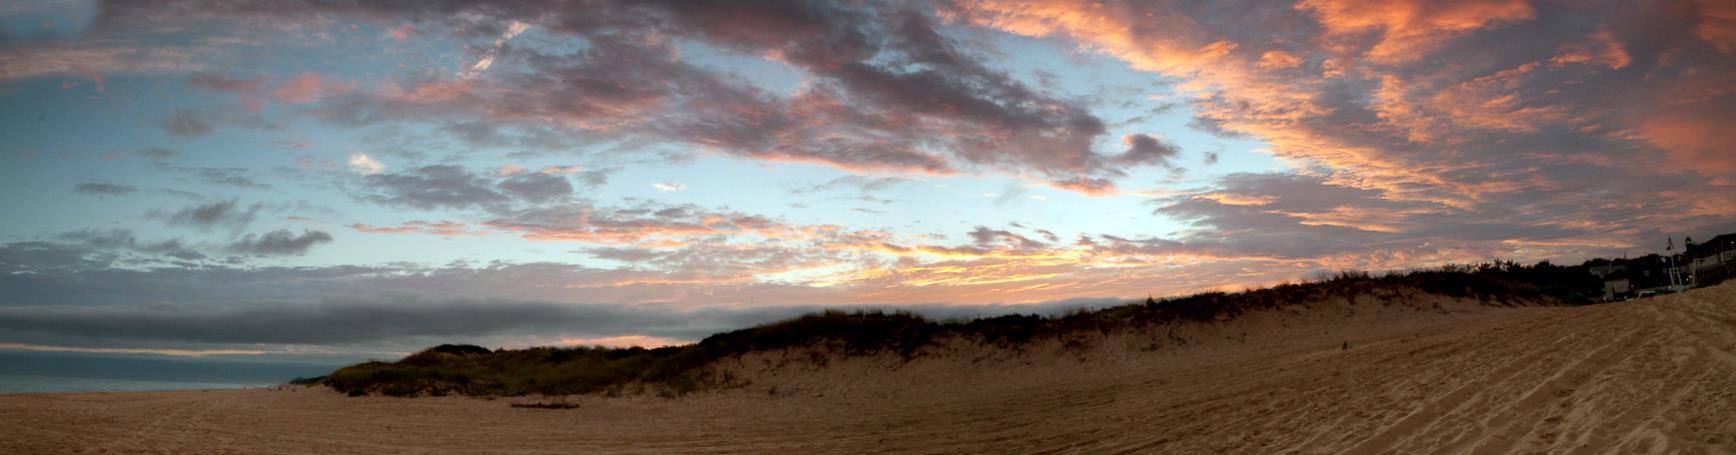 Landscape Photography, Nicholas G. Licata, Sunset, Beach Photography, Panorama